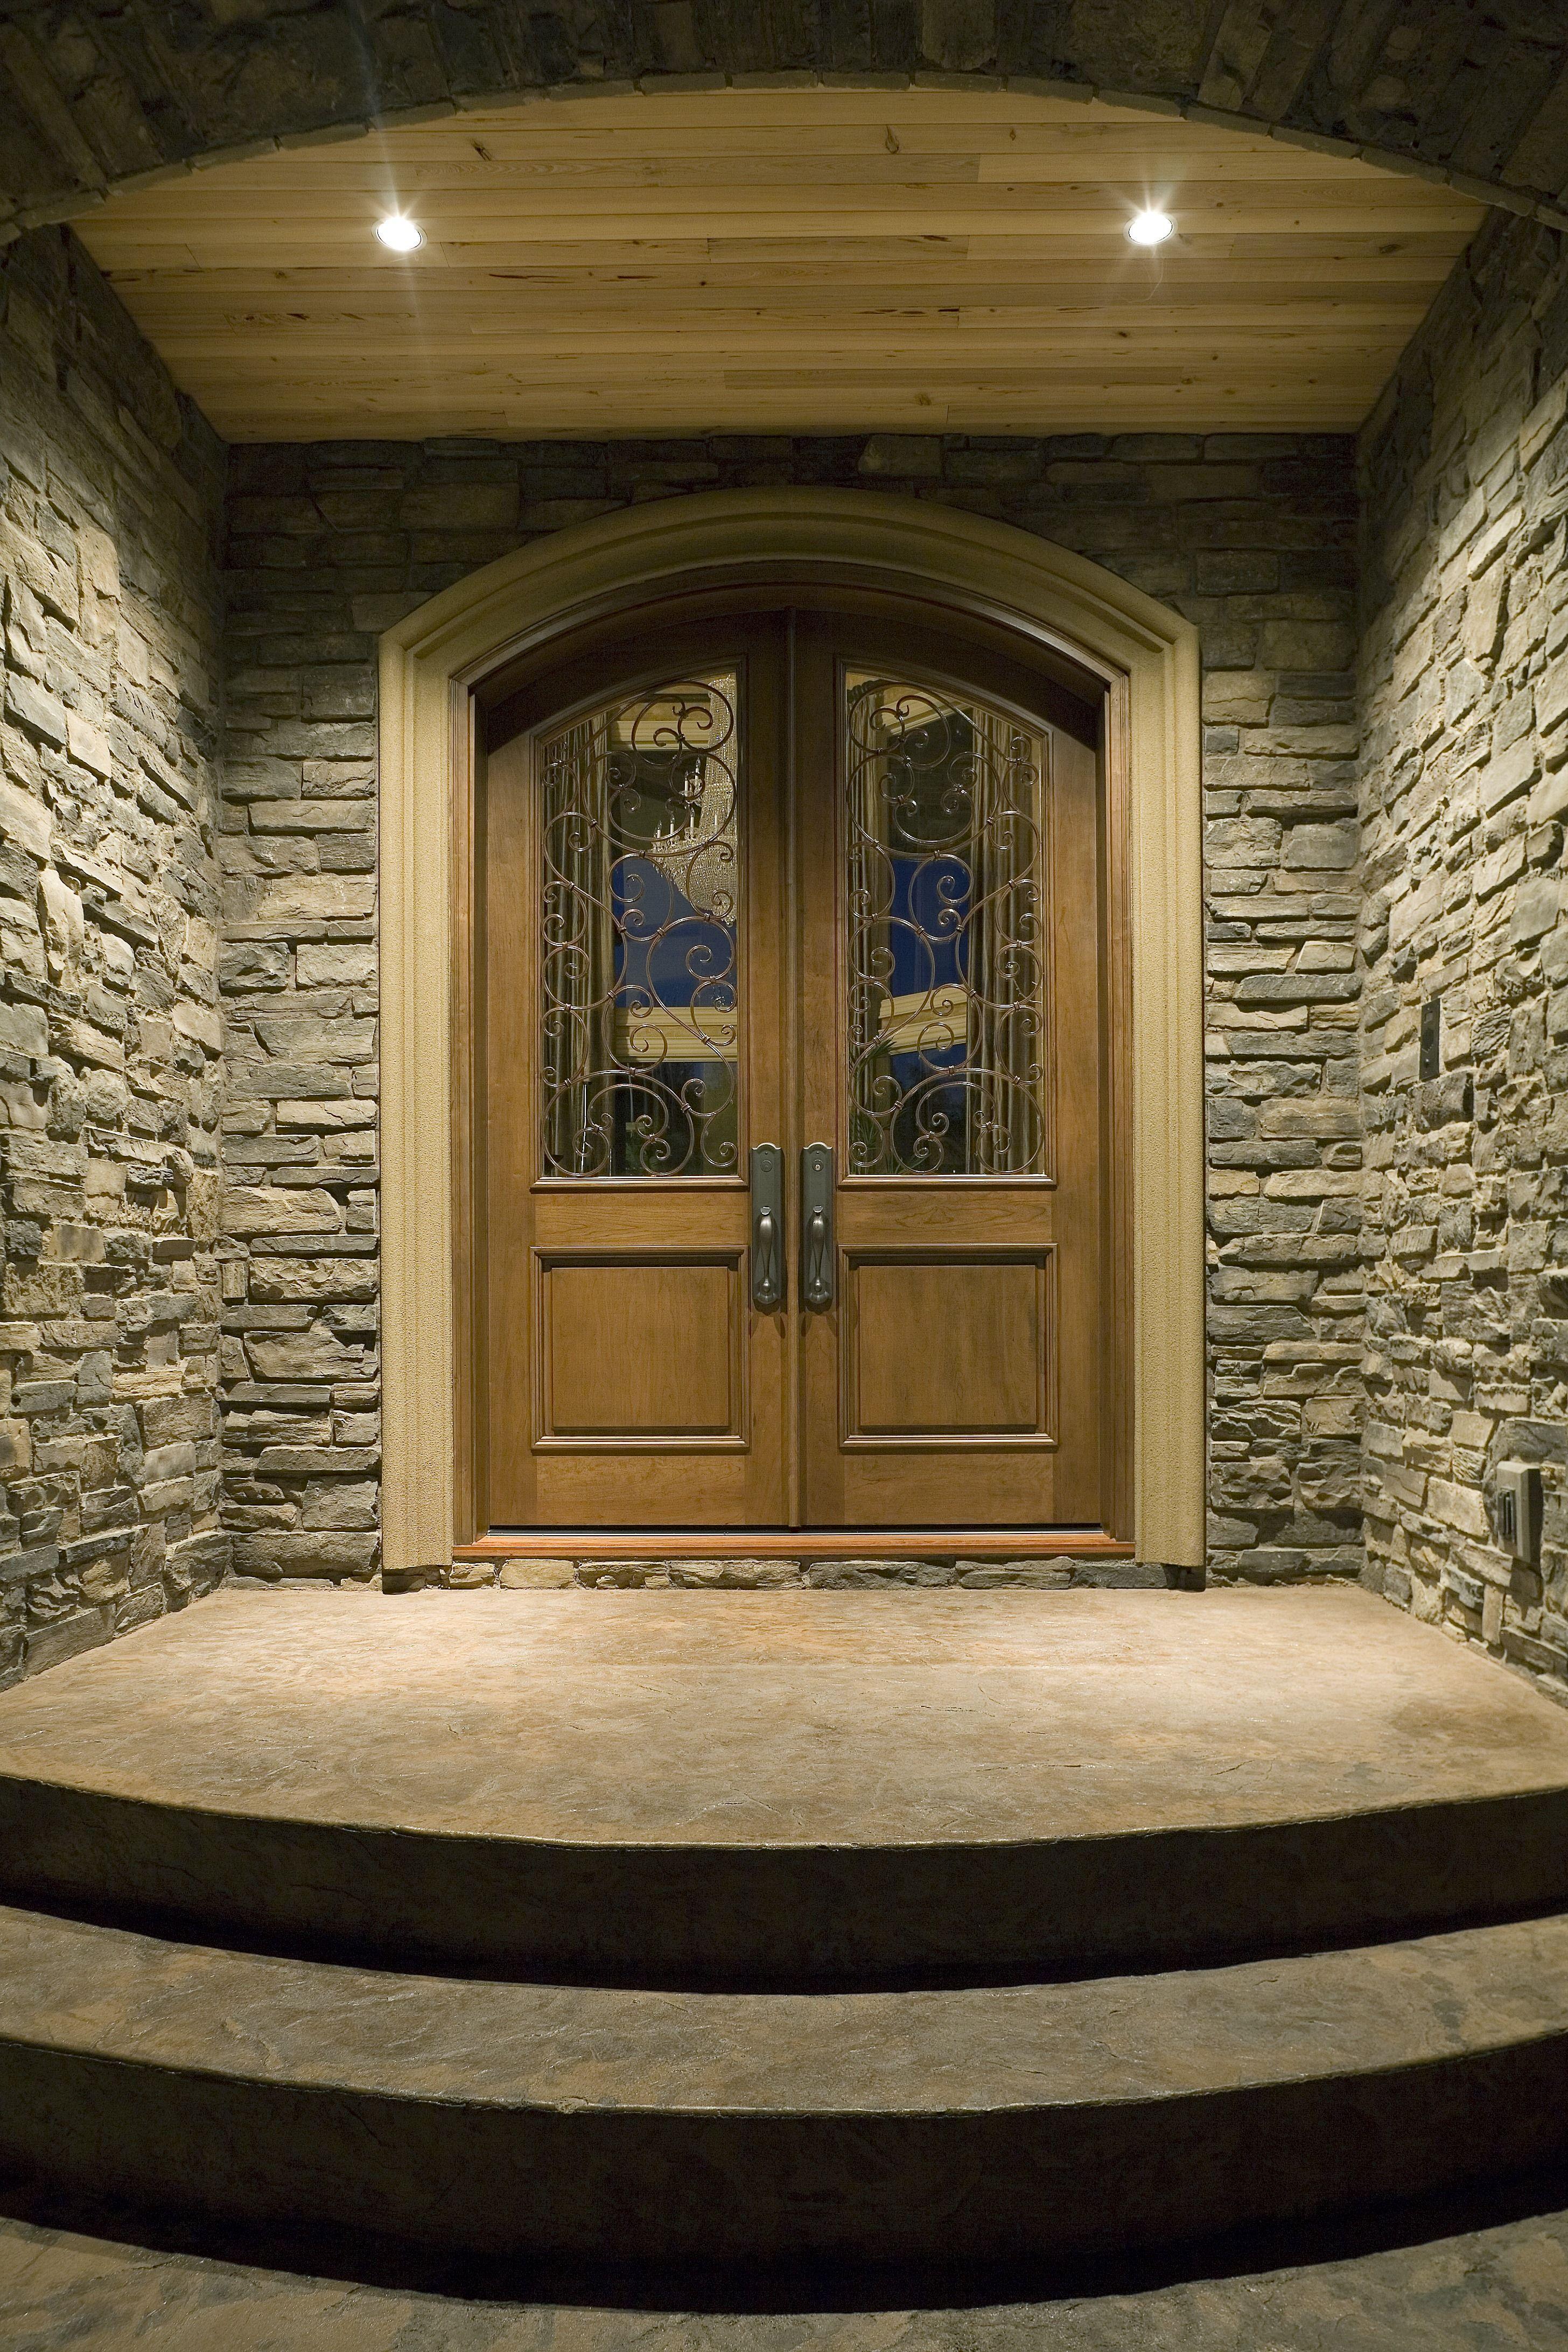 Types Of Windows Exterior Entry Doors Entry Doors Front Door Lighting